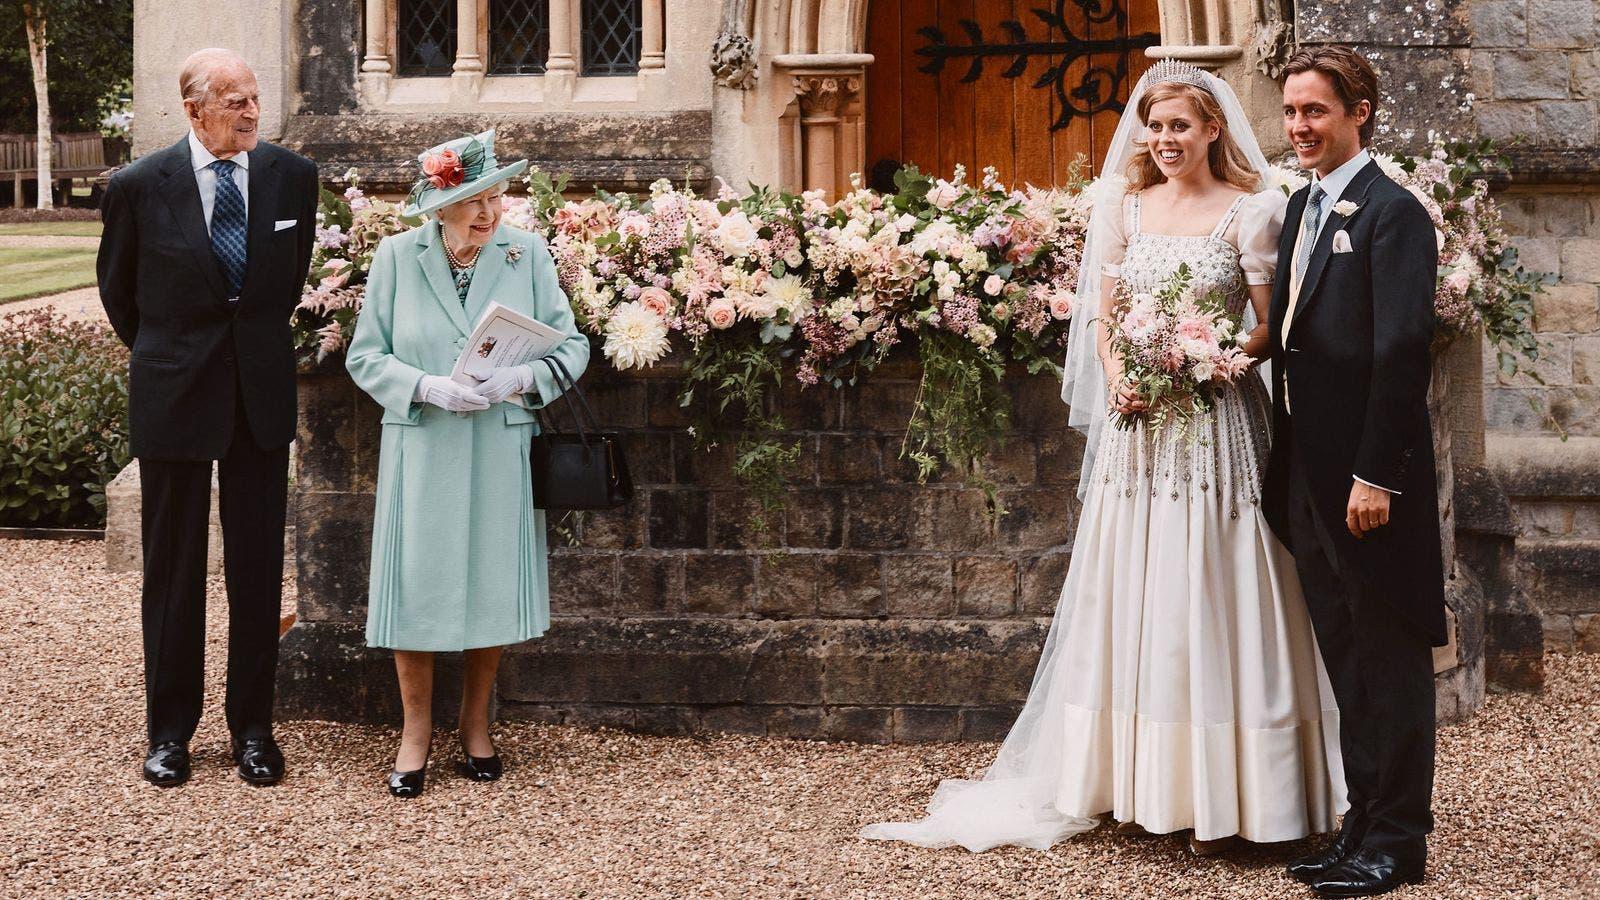 العروسان برفقة ملكة بريطانيا وزوجها الأمير فيليب